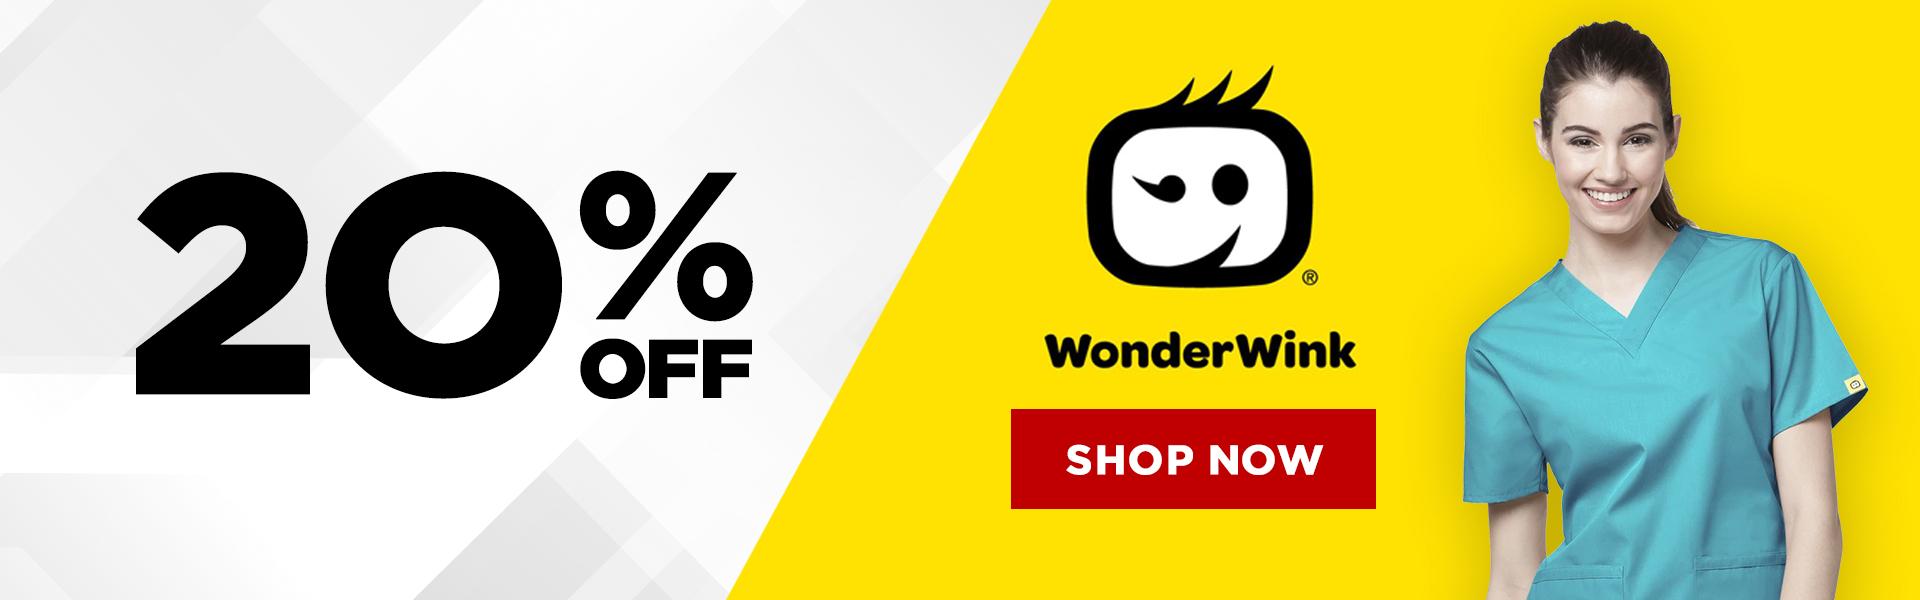 20% Off WonderWink